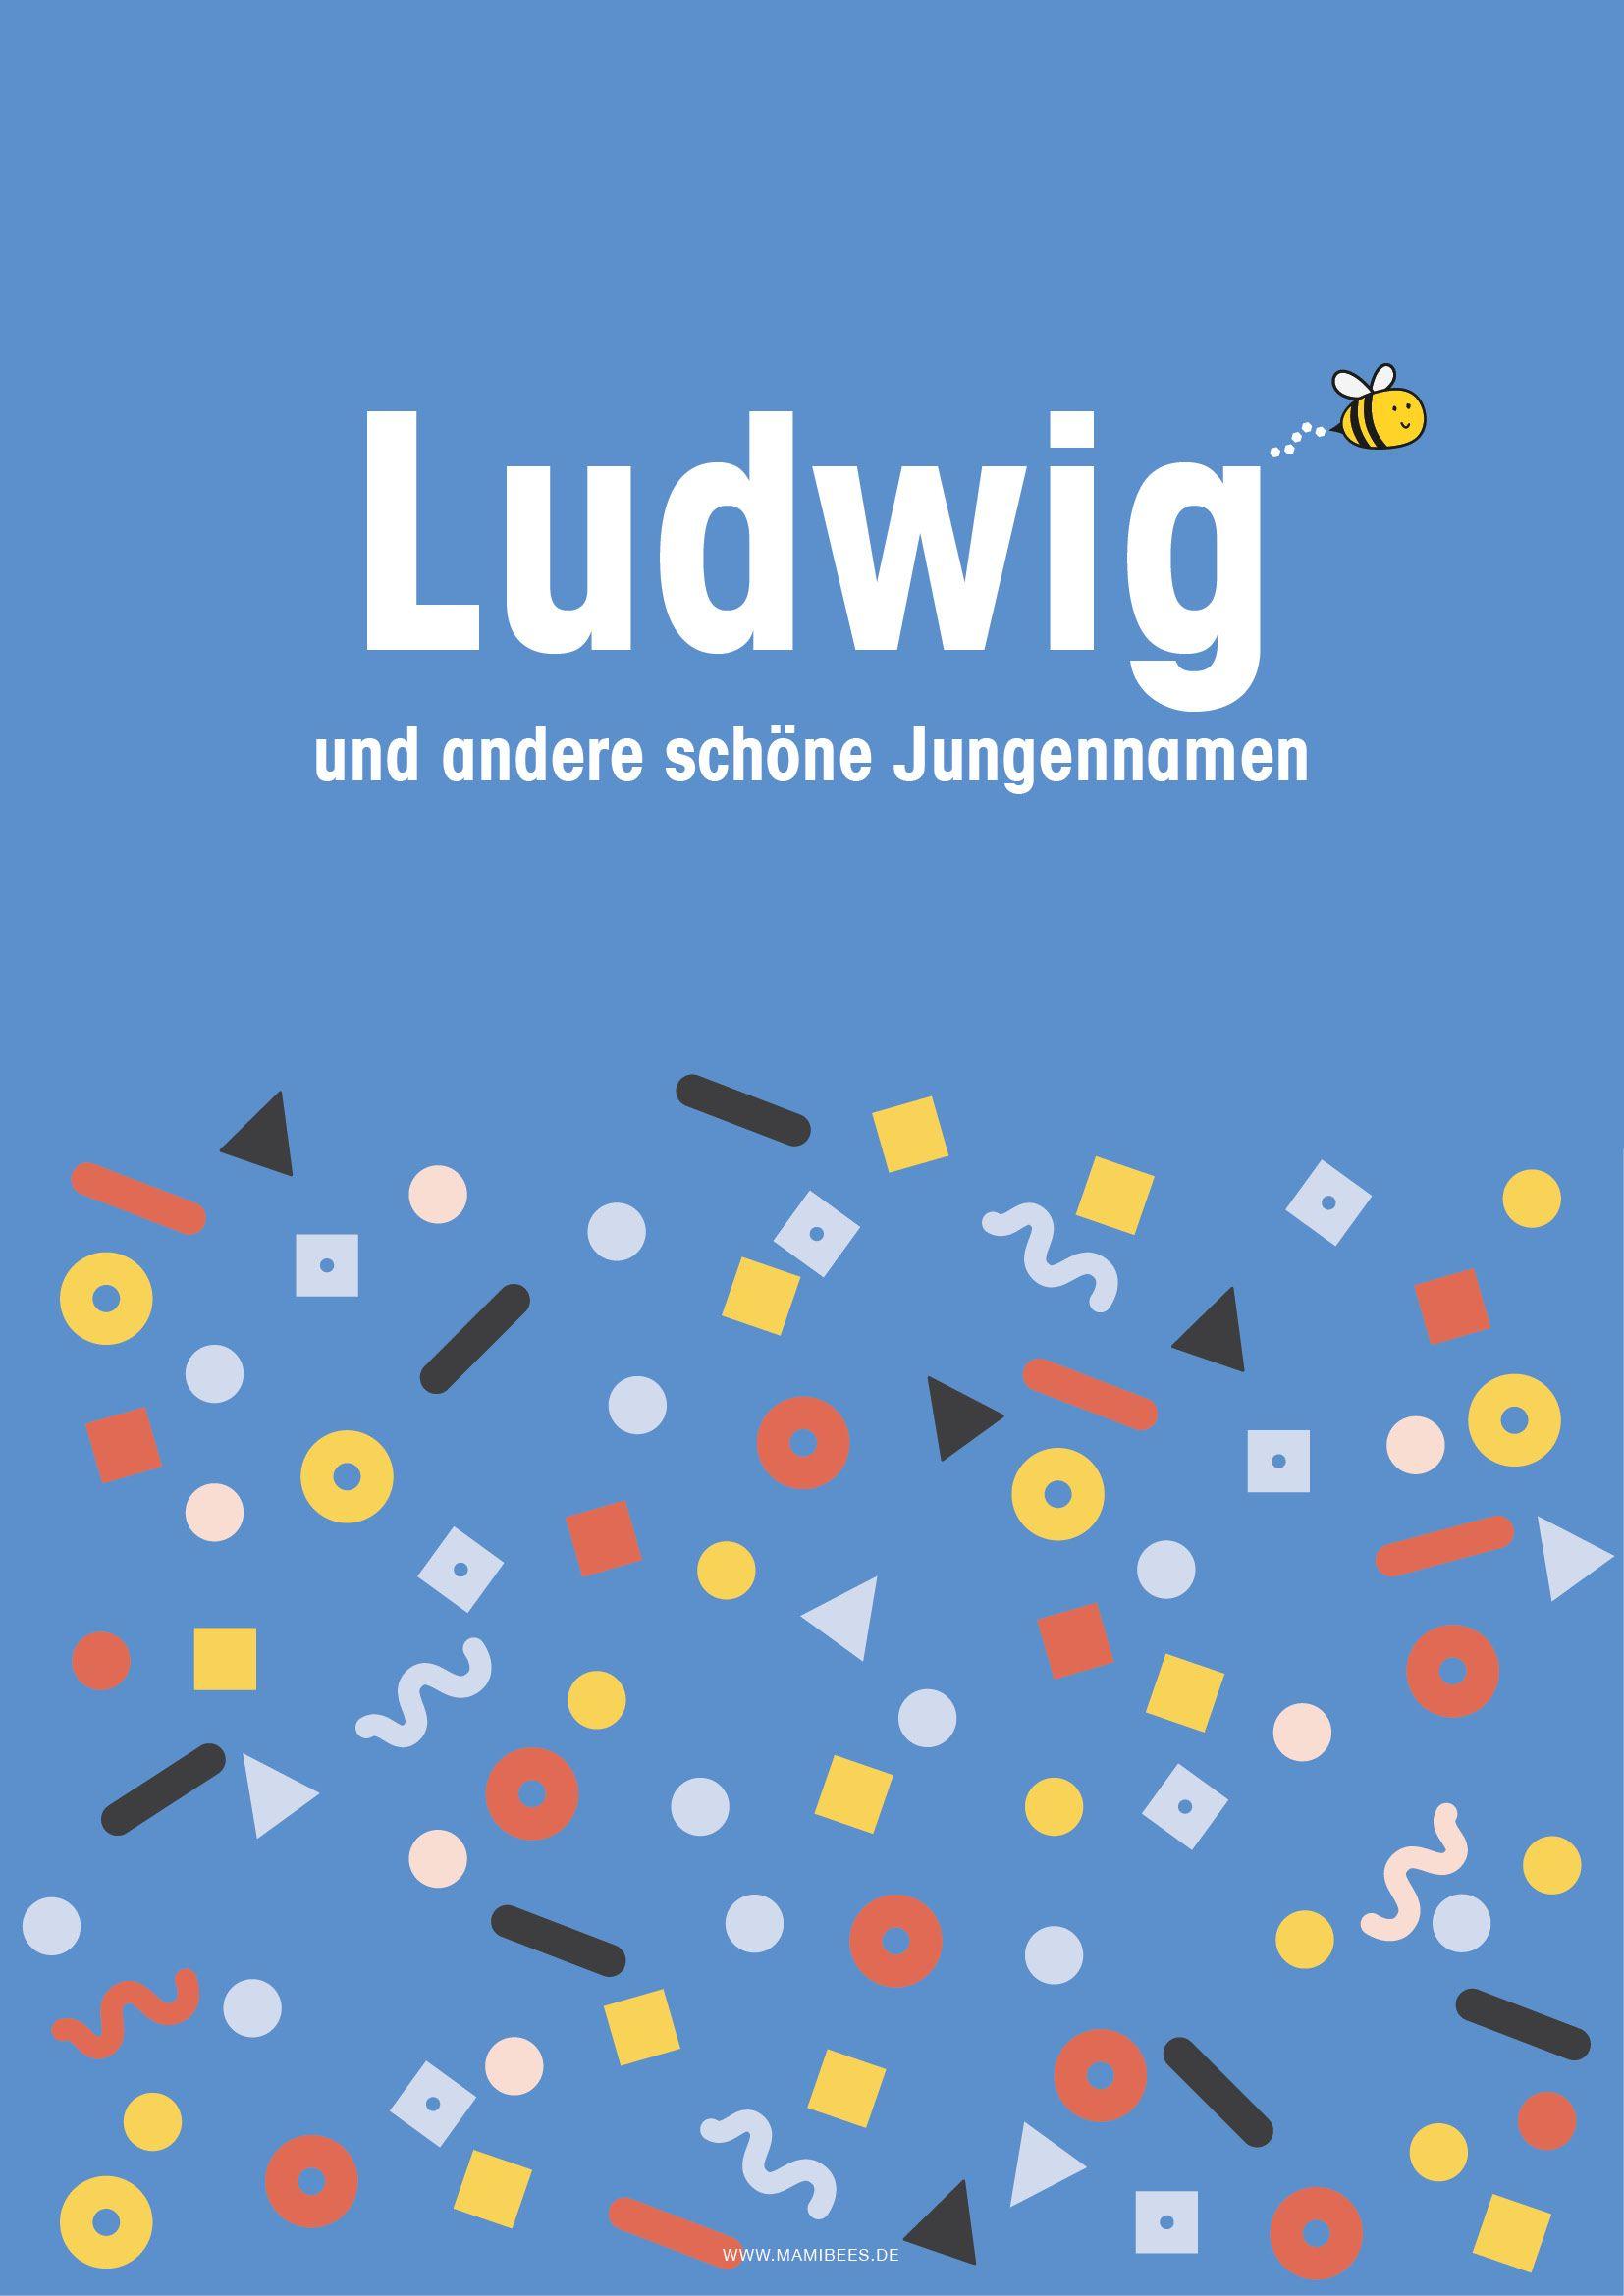 Ludwig Top Babynamen 2020 In 2020 Jungen Namen Jungennamen Babynamen